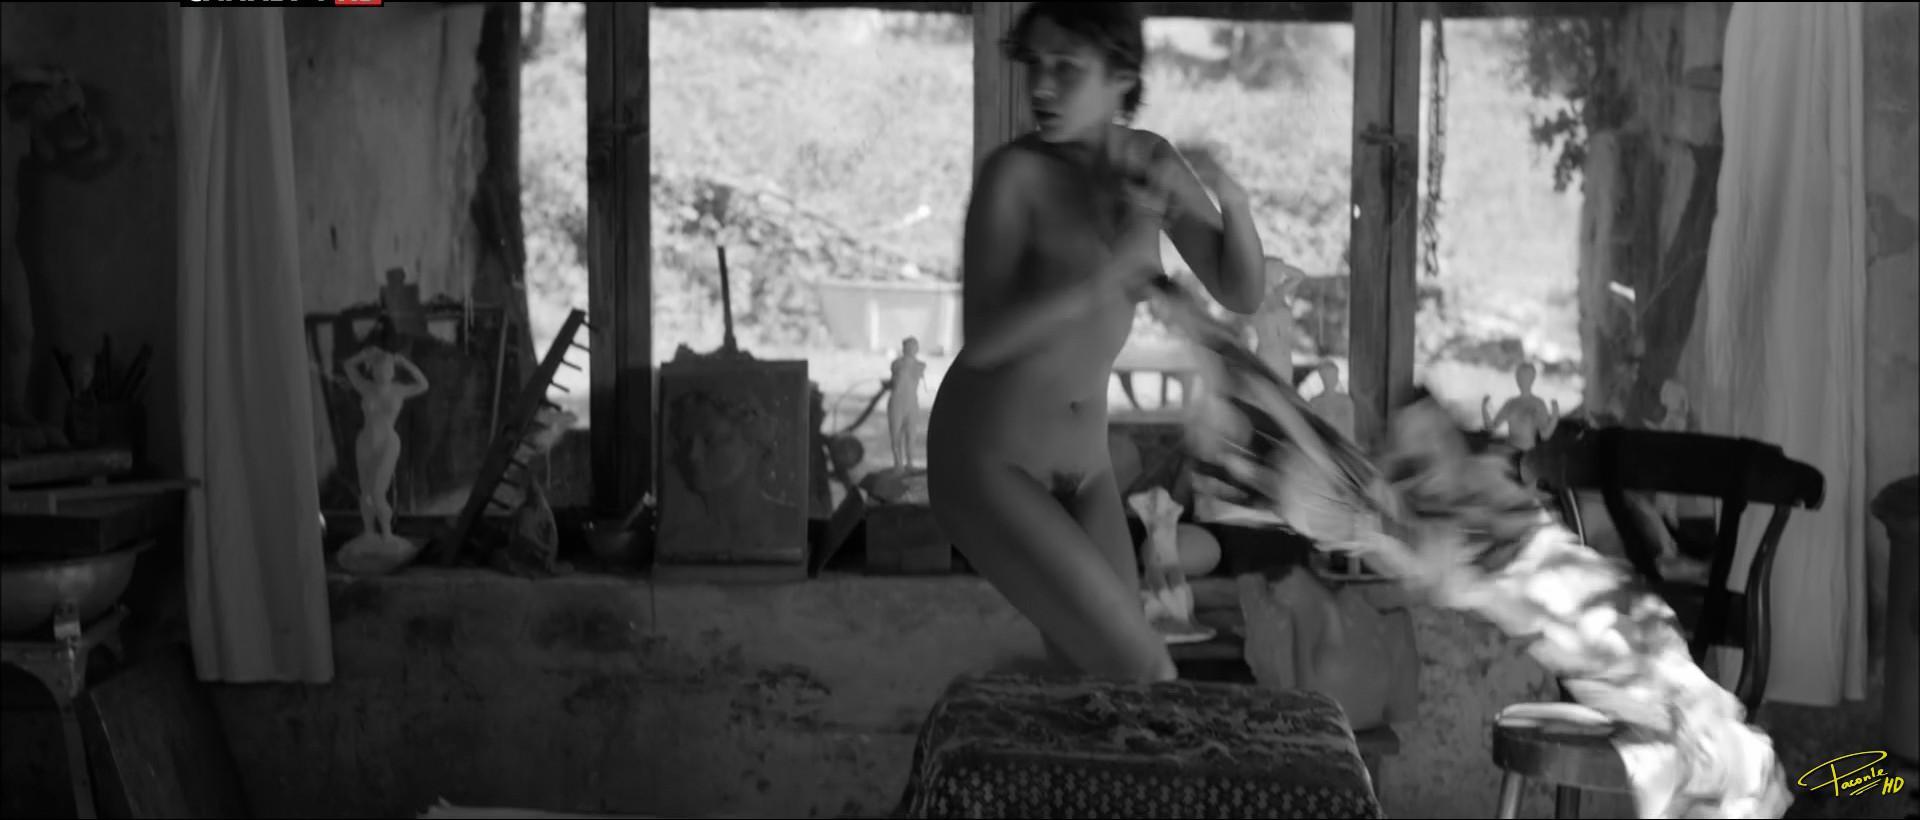 Aida folch nude fin de curso - 3 6